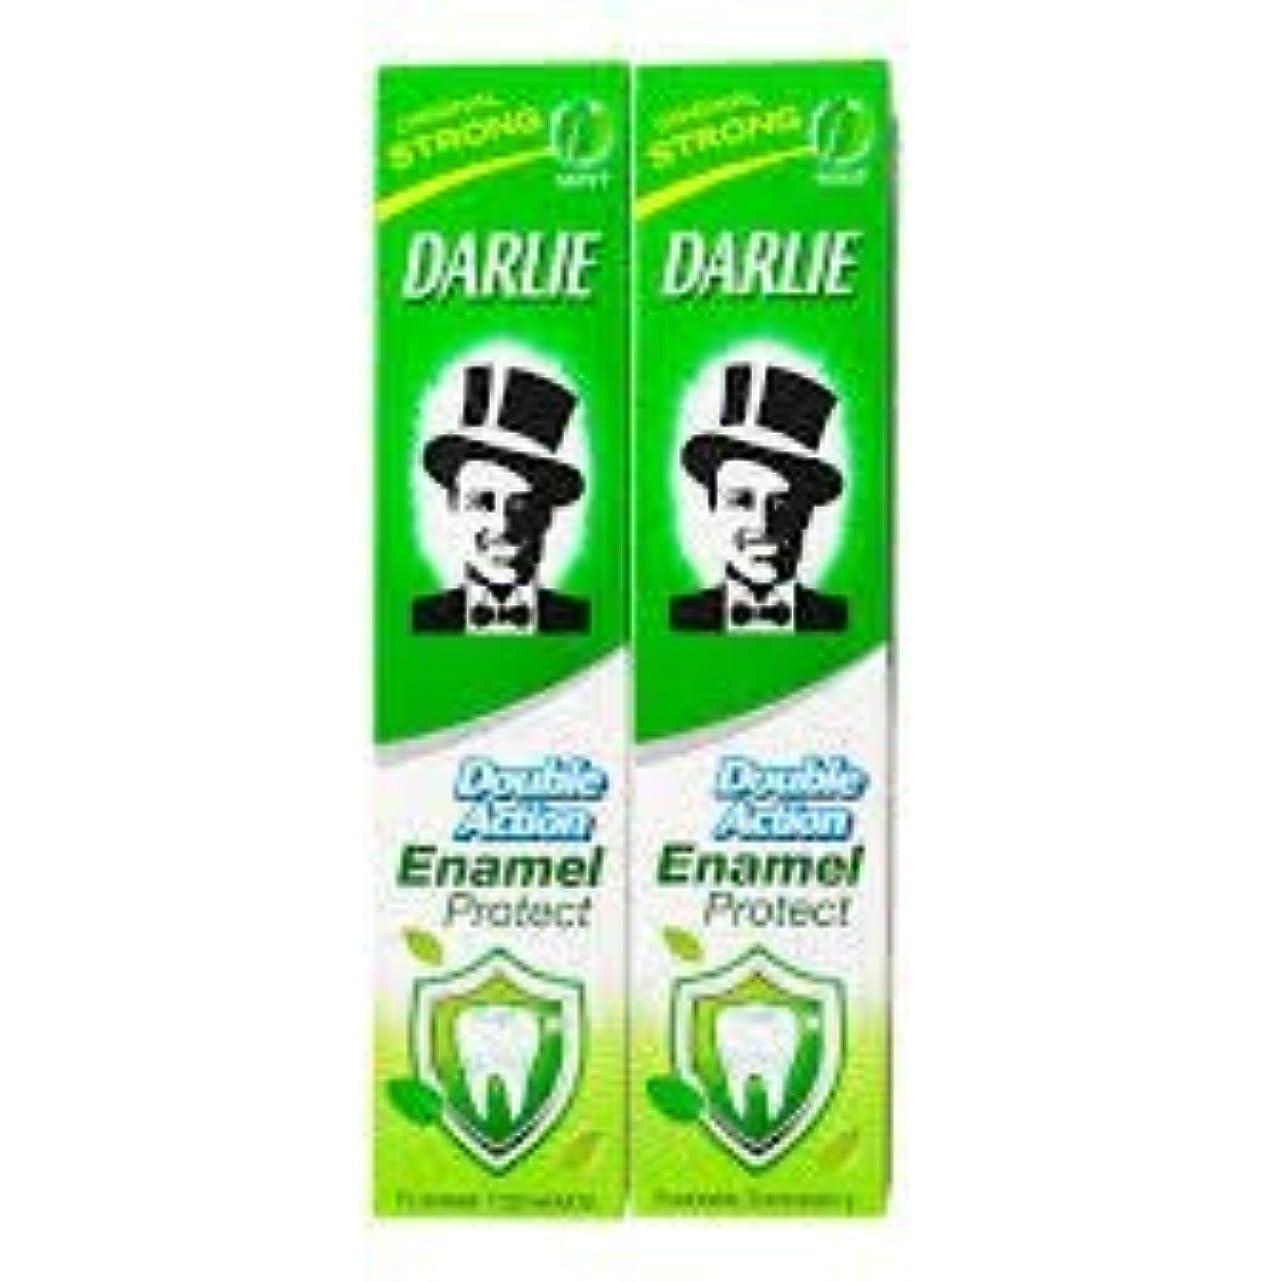 なんとなく熟読曲線DARLIE 歯磨き粉歯磨き粉二重の役割、保護エナメル強いミント2×220ケ - あなたの歯を強化し、防御の最前線